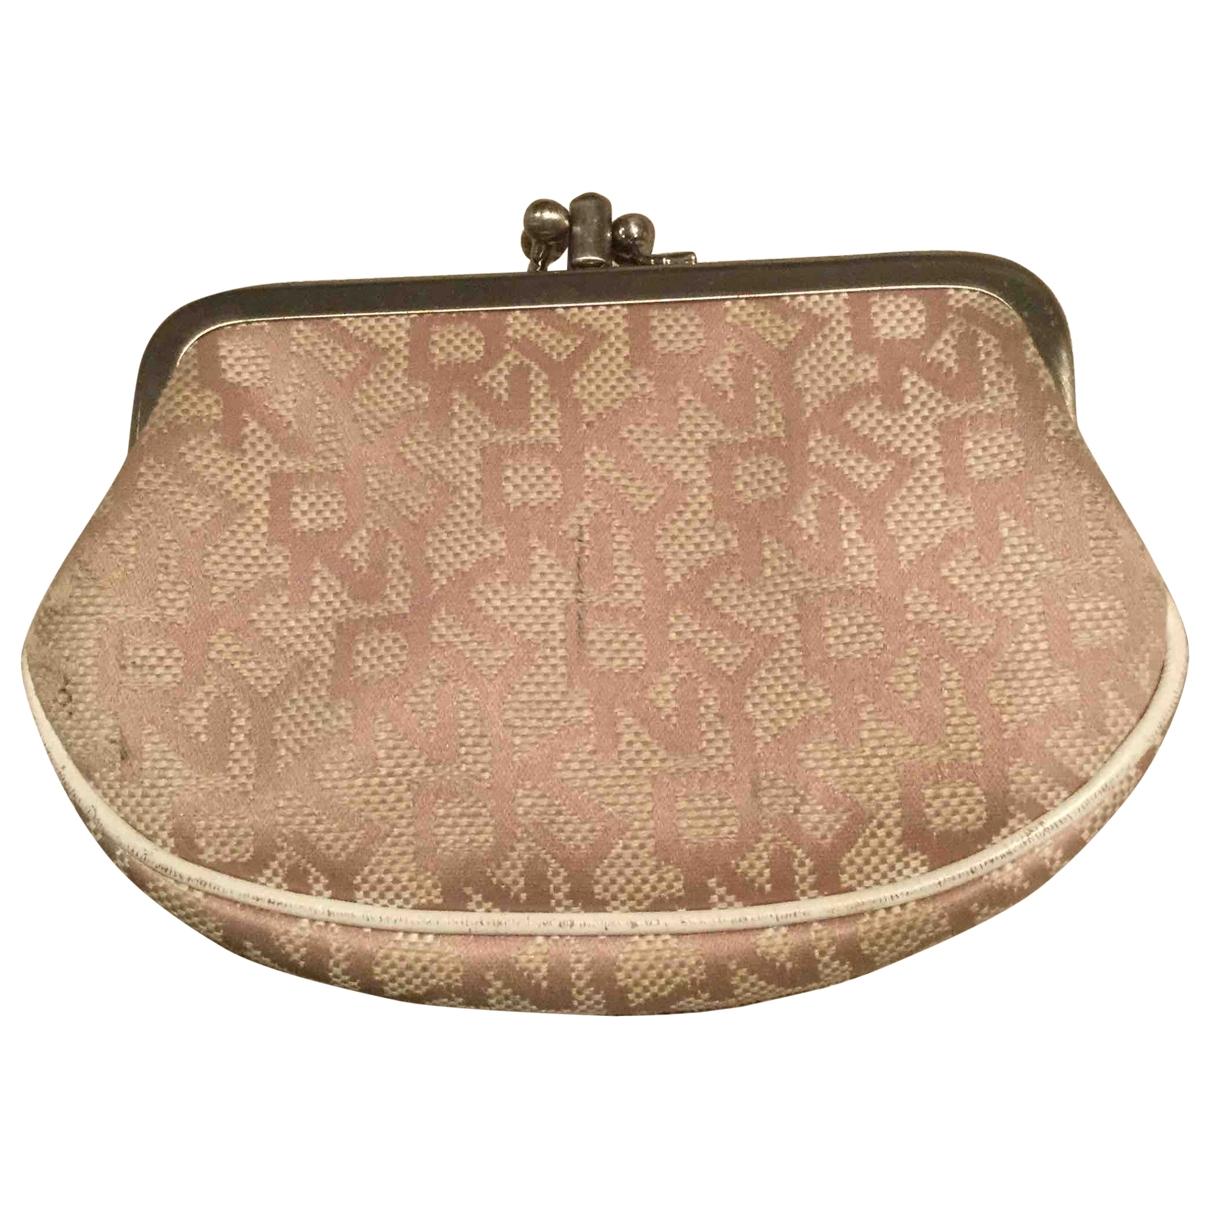 Dkny \N Beige Cotton Purses, wallet & cases for Women \N